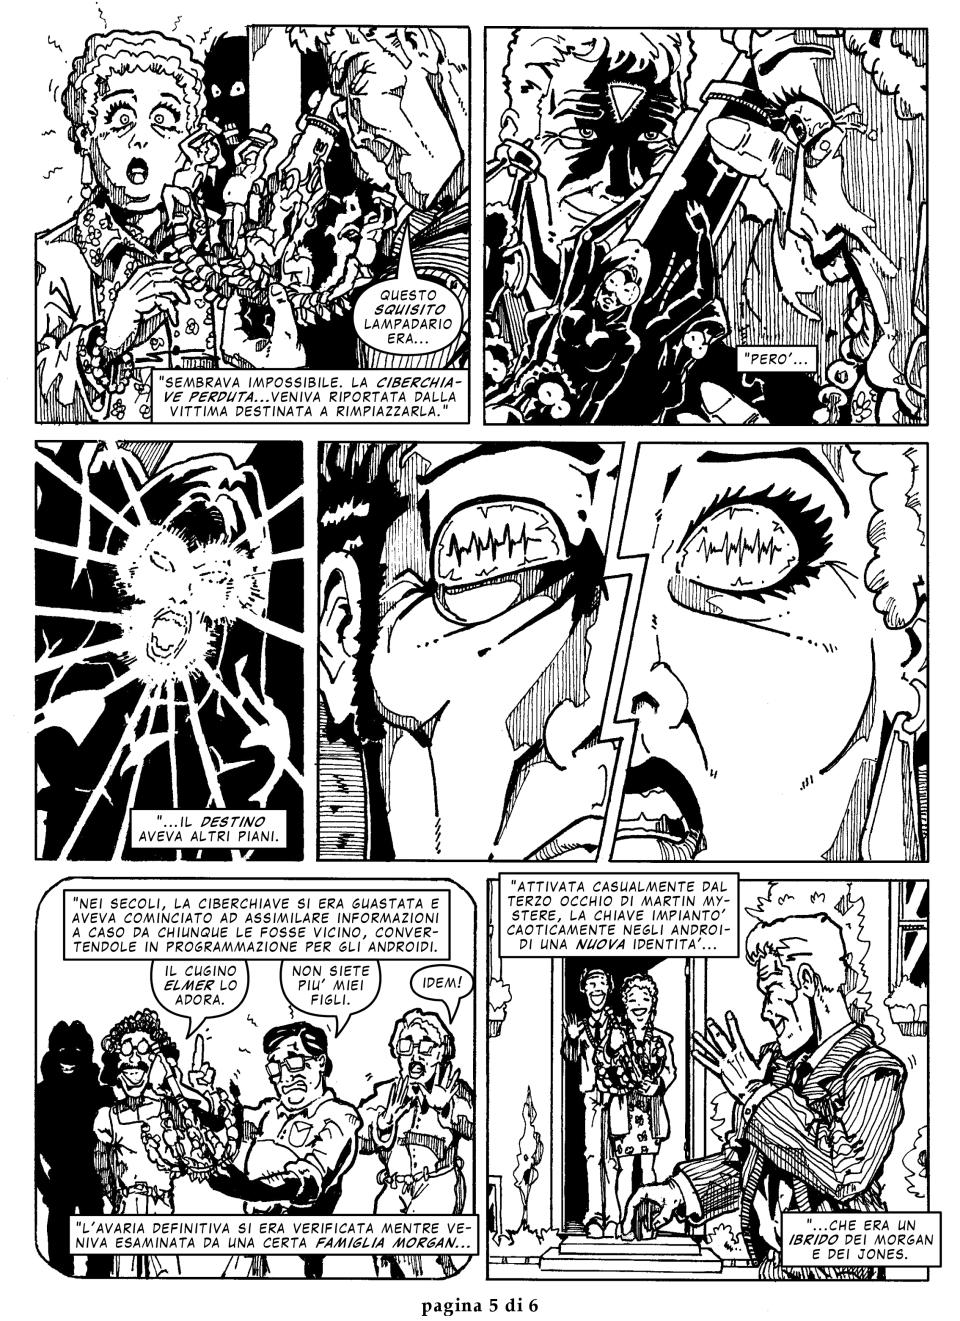 Get a Life 3 - pagina 5